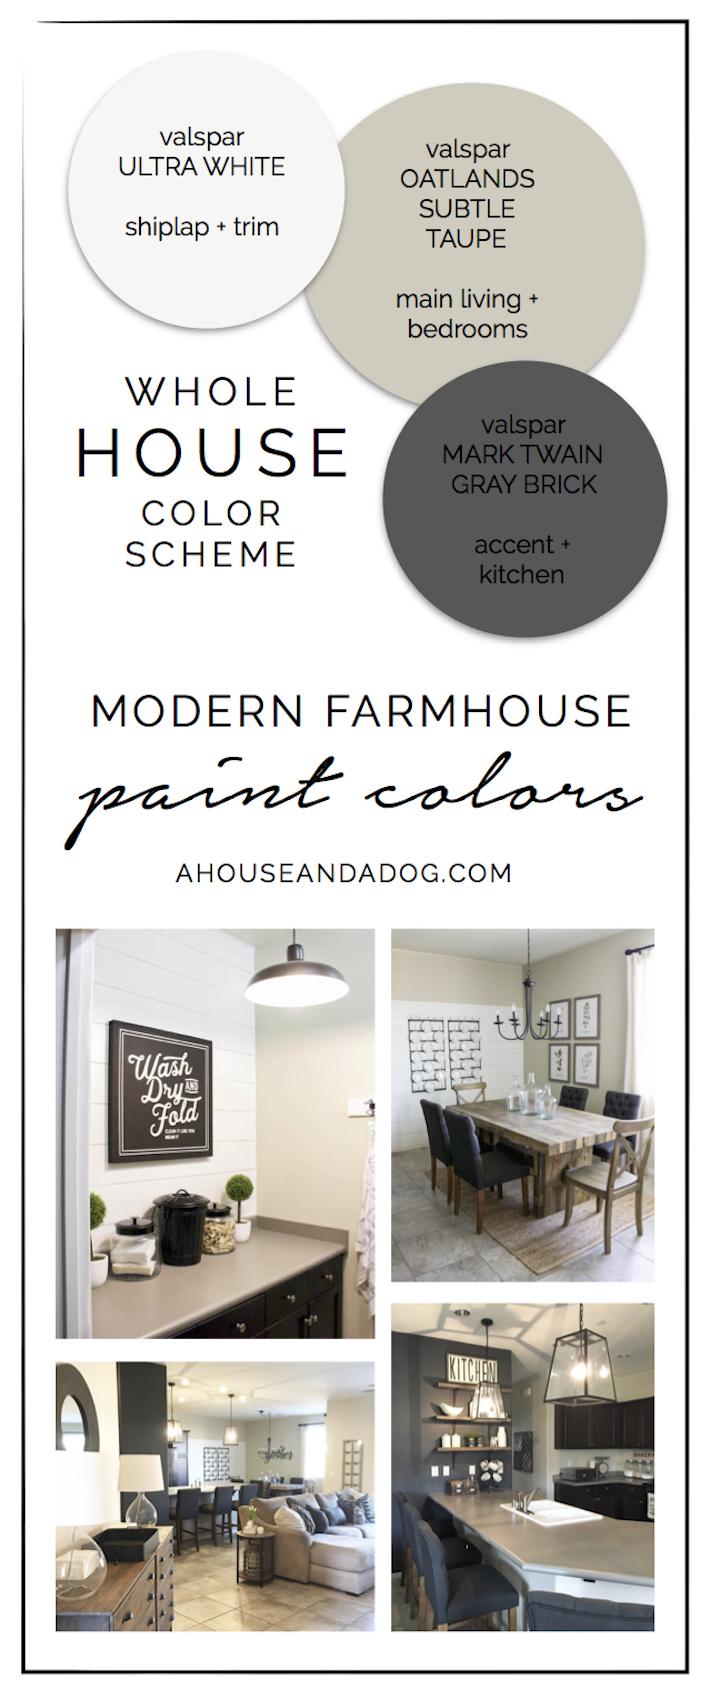 Whole House Color Scheme Paint Colors hello Allison